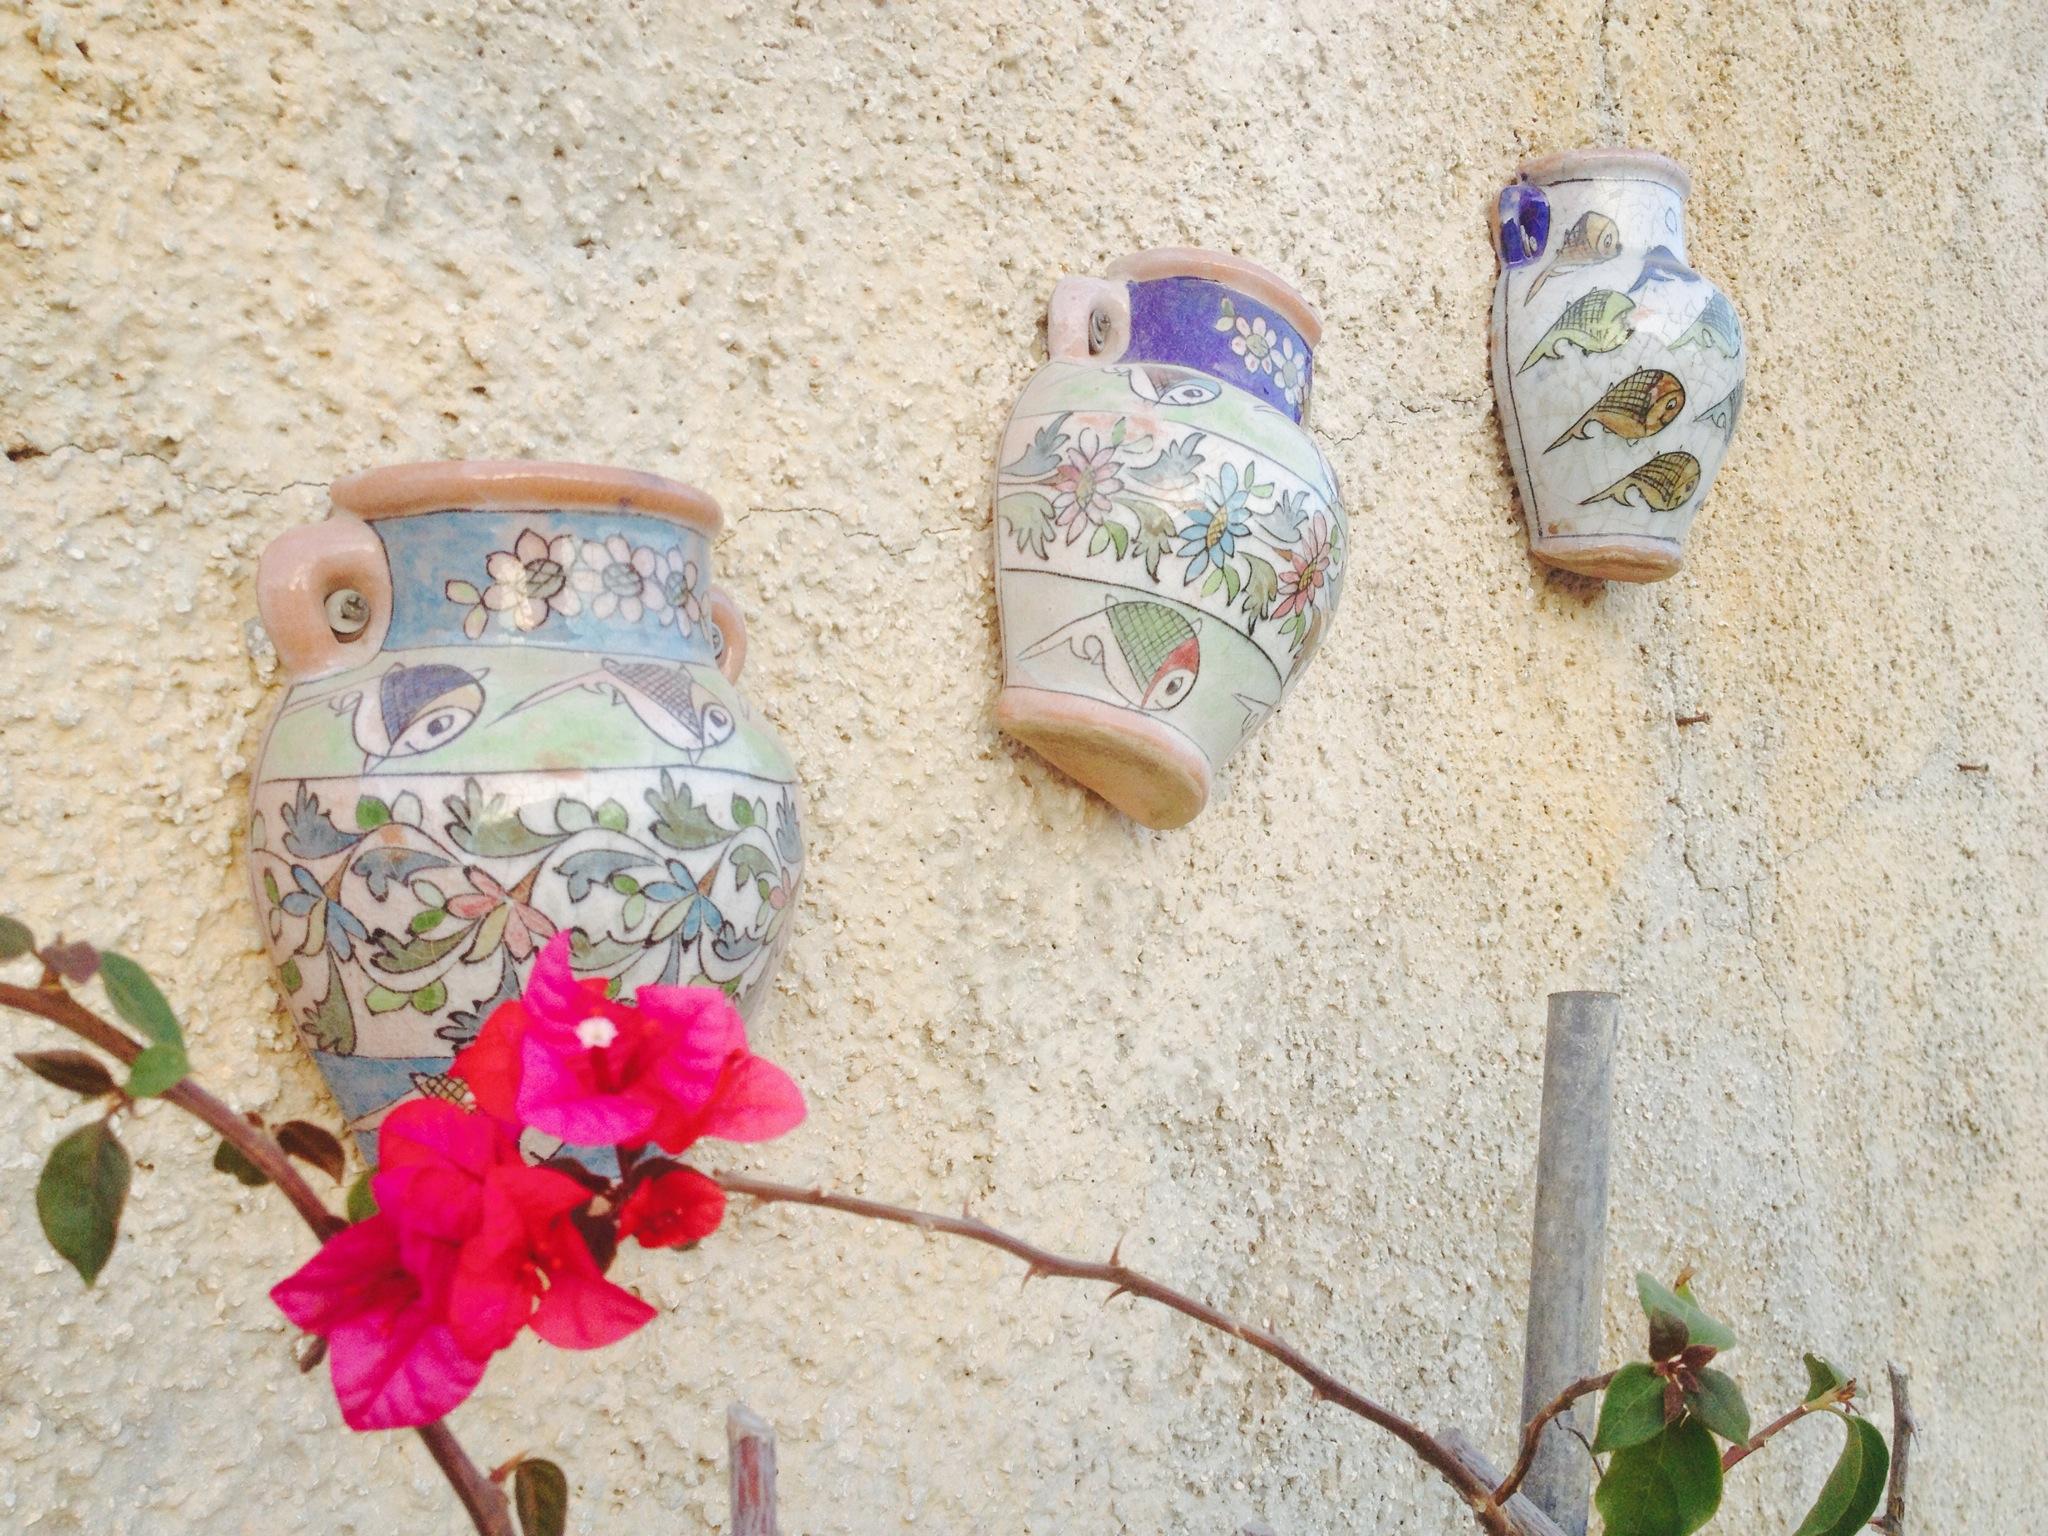 Ceramiche appese ai muri a secco, tipici della provincia di Ragusa.